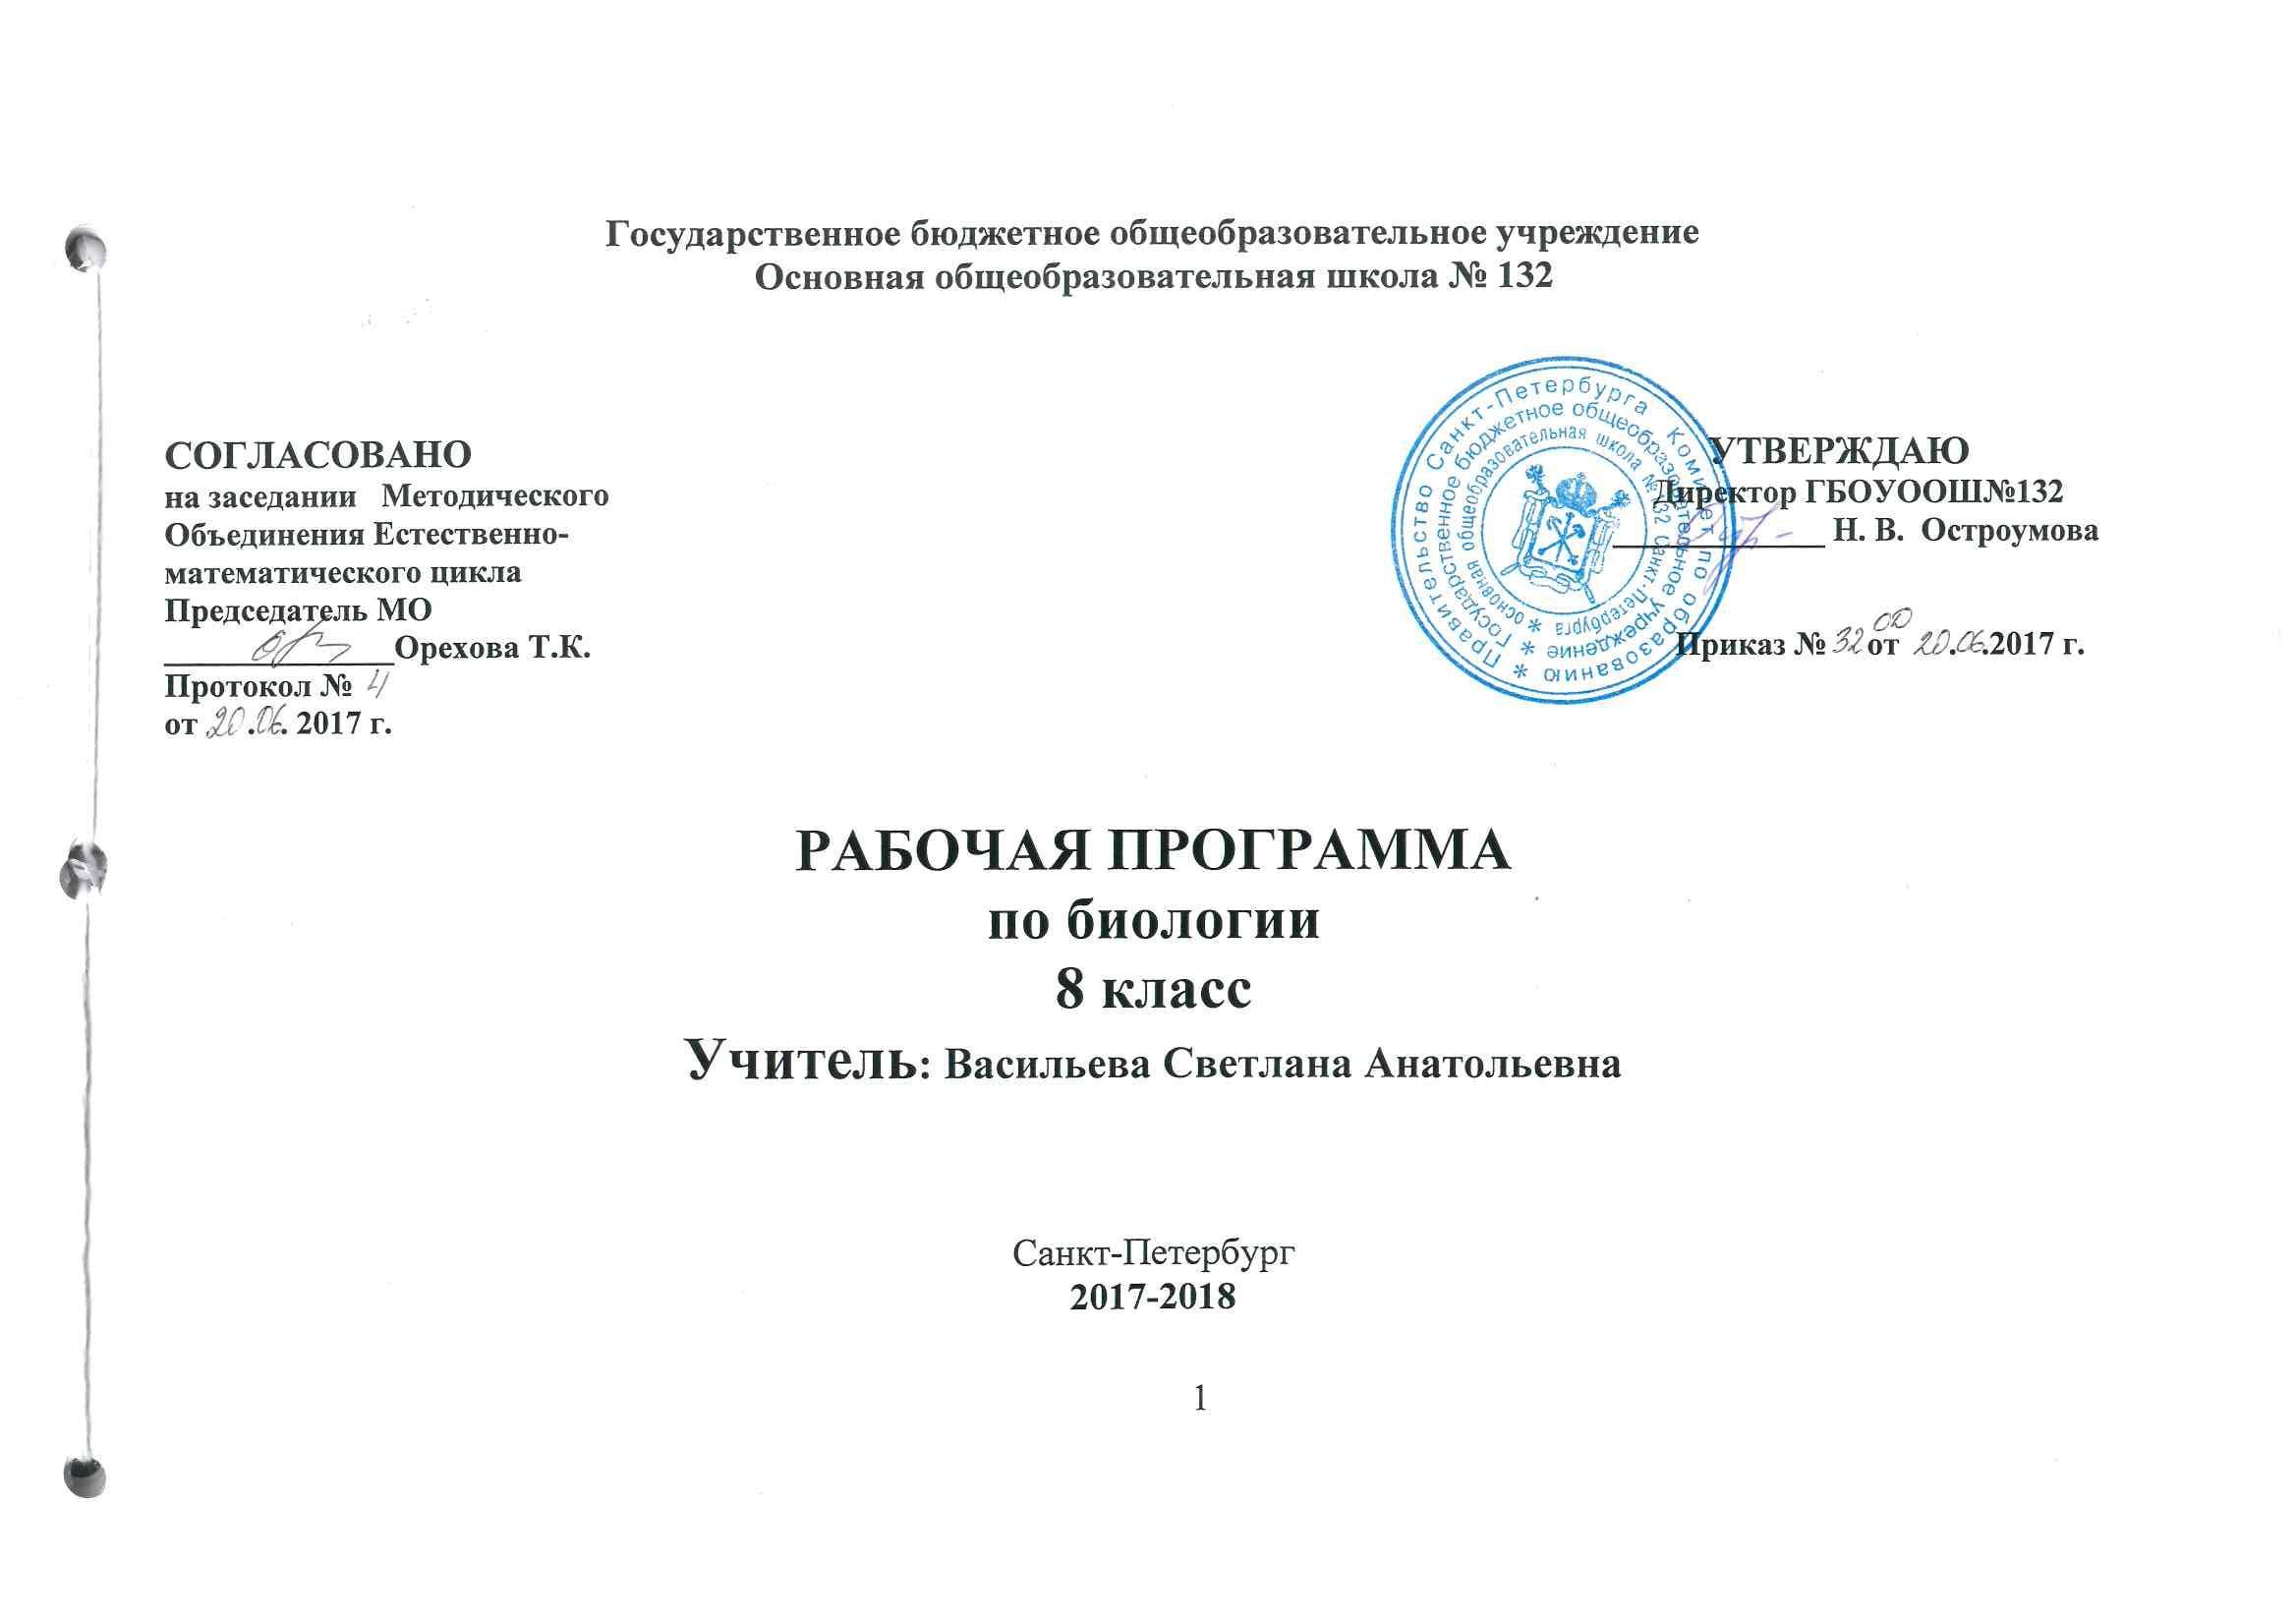 Программа по русскому языку 8 класс васильева